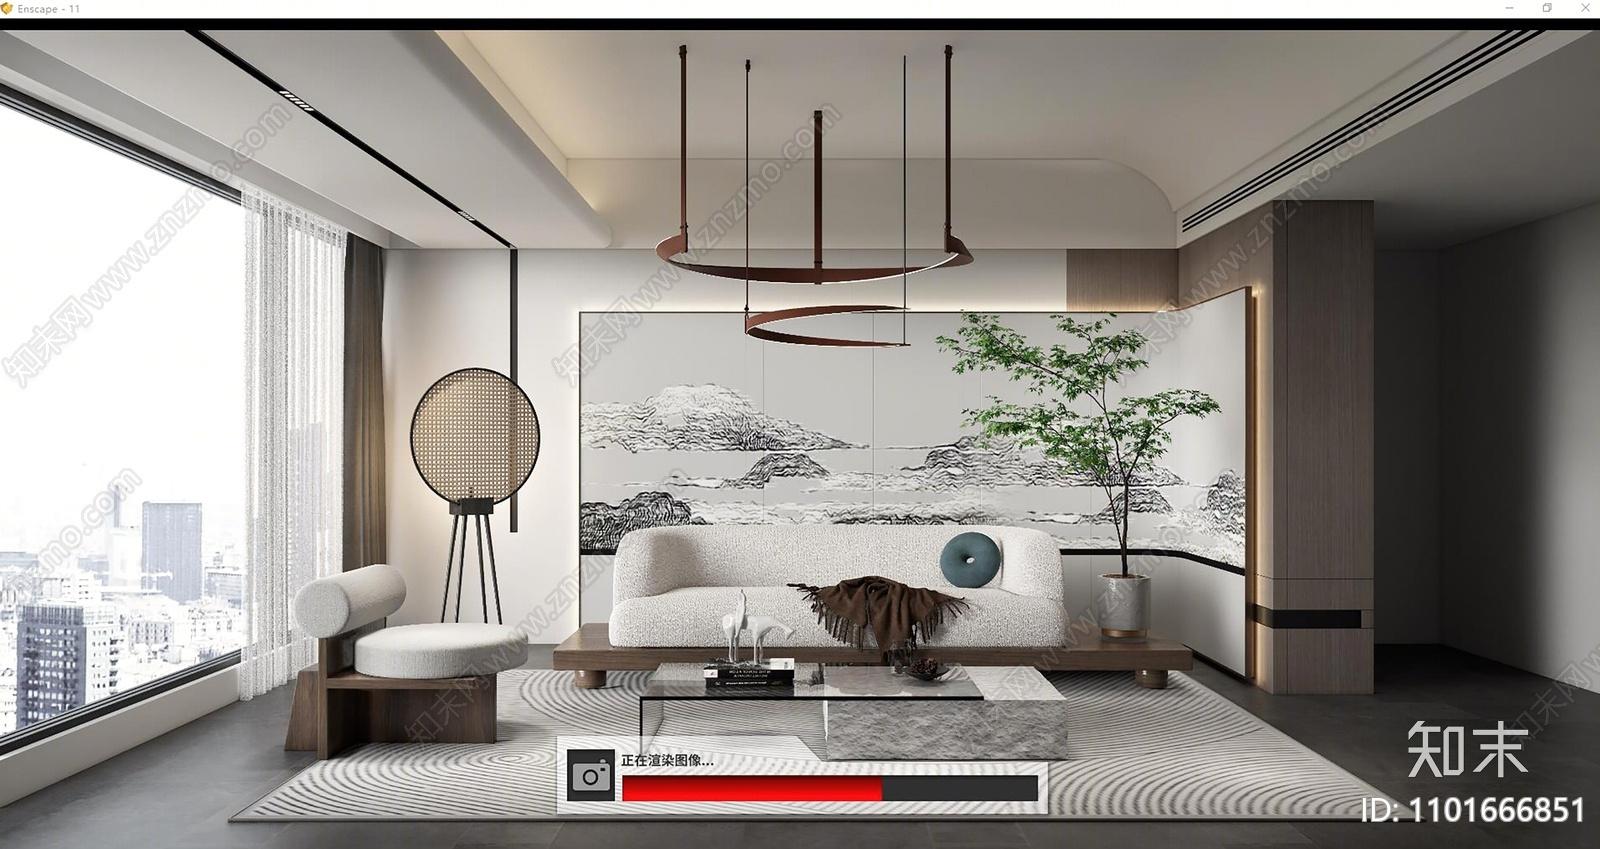 新中式客厅SU模型下载【ID:1101666851】